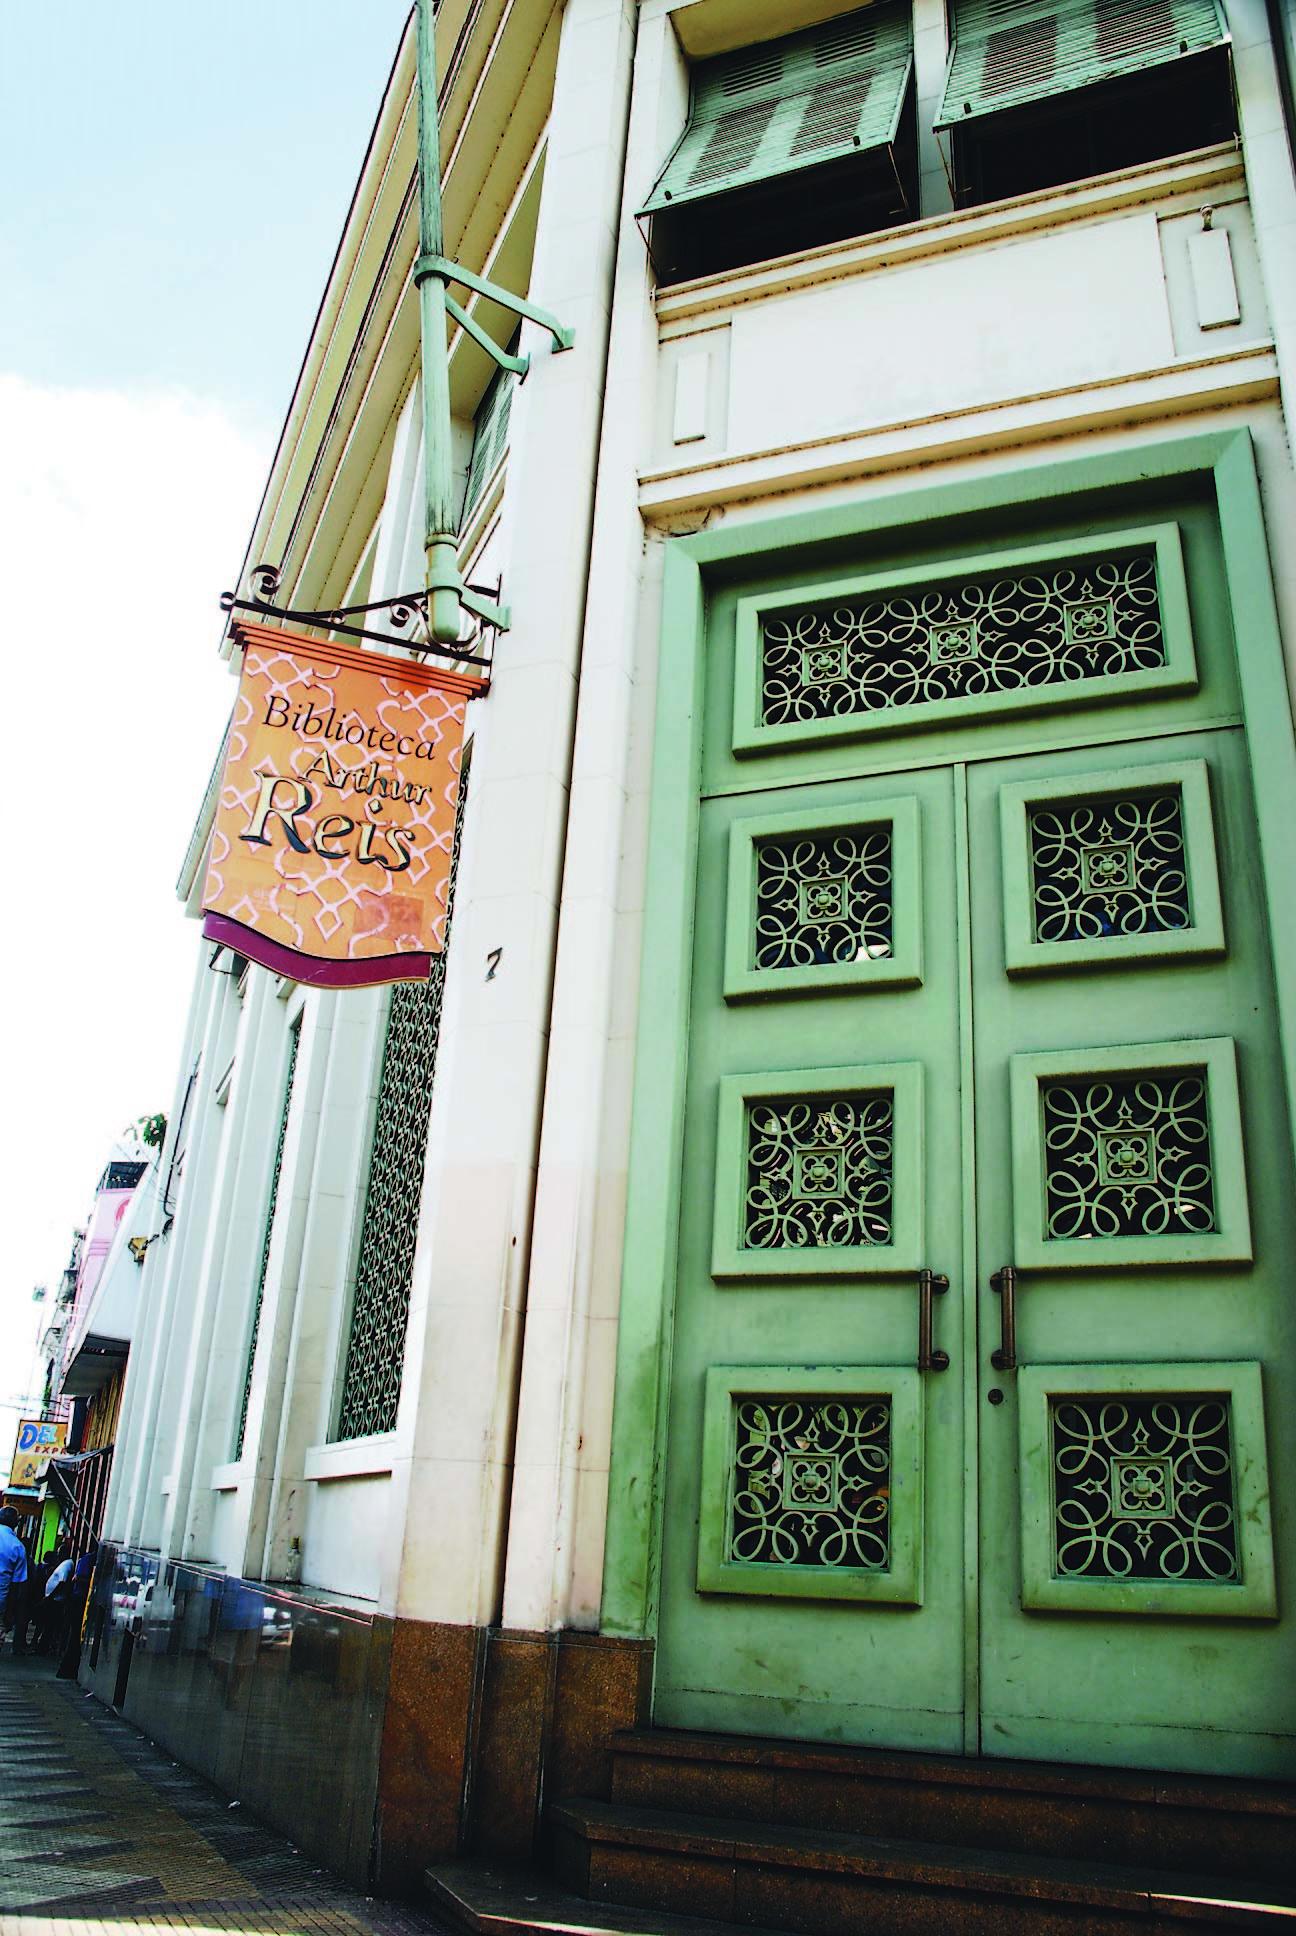 Porta de Entrada da Biblioteca Arthur Reis